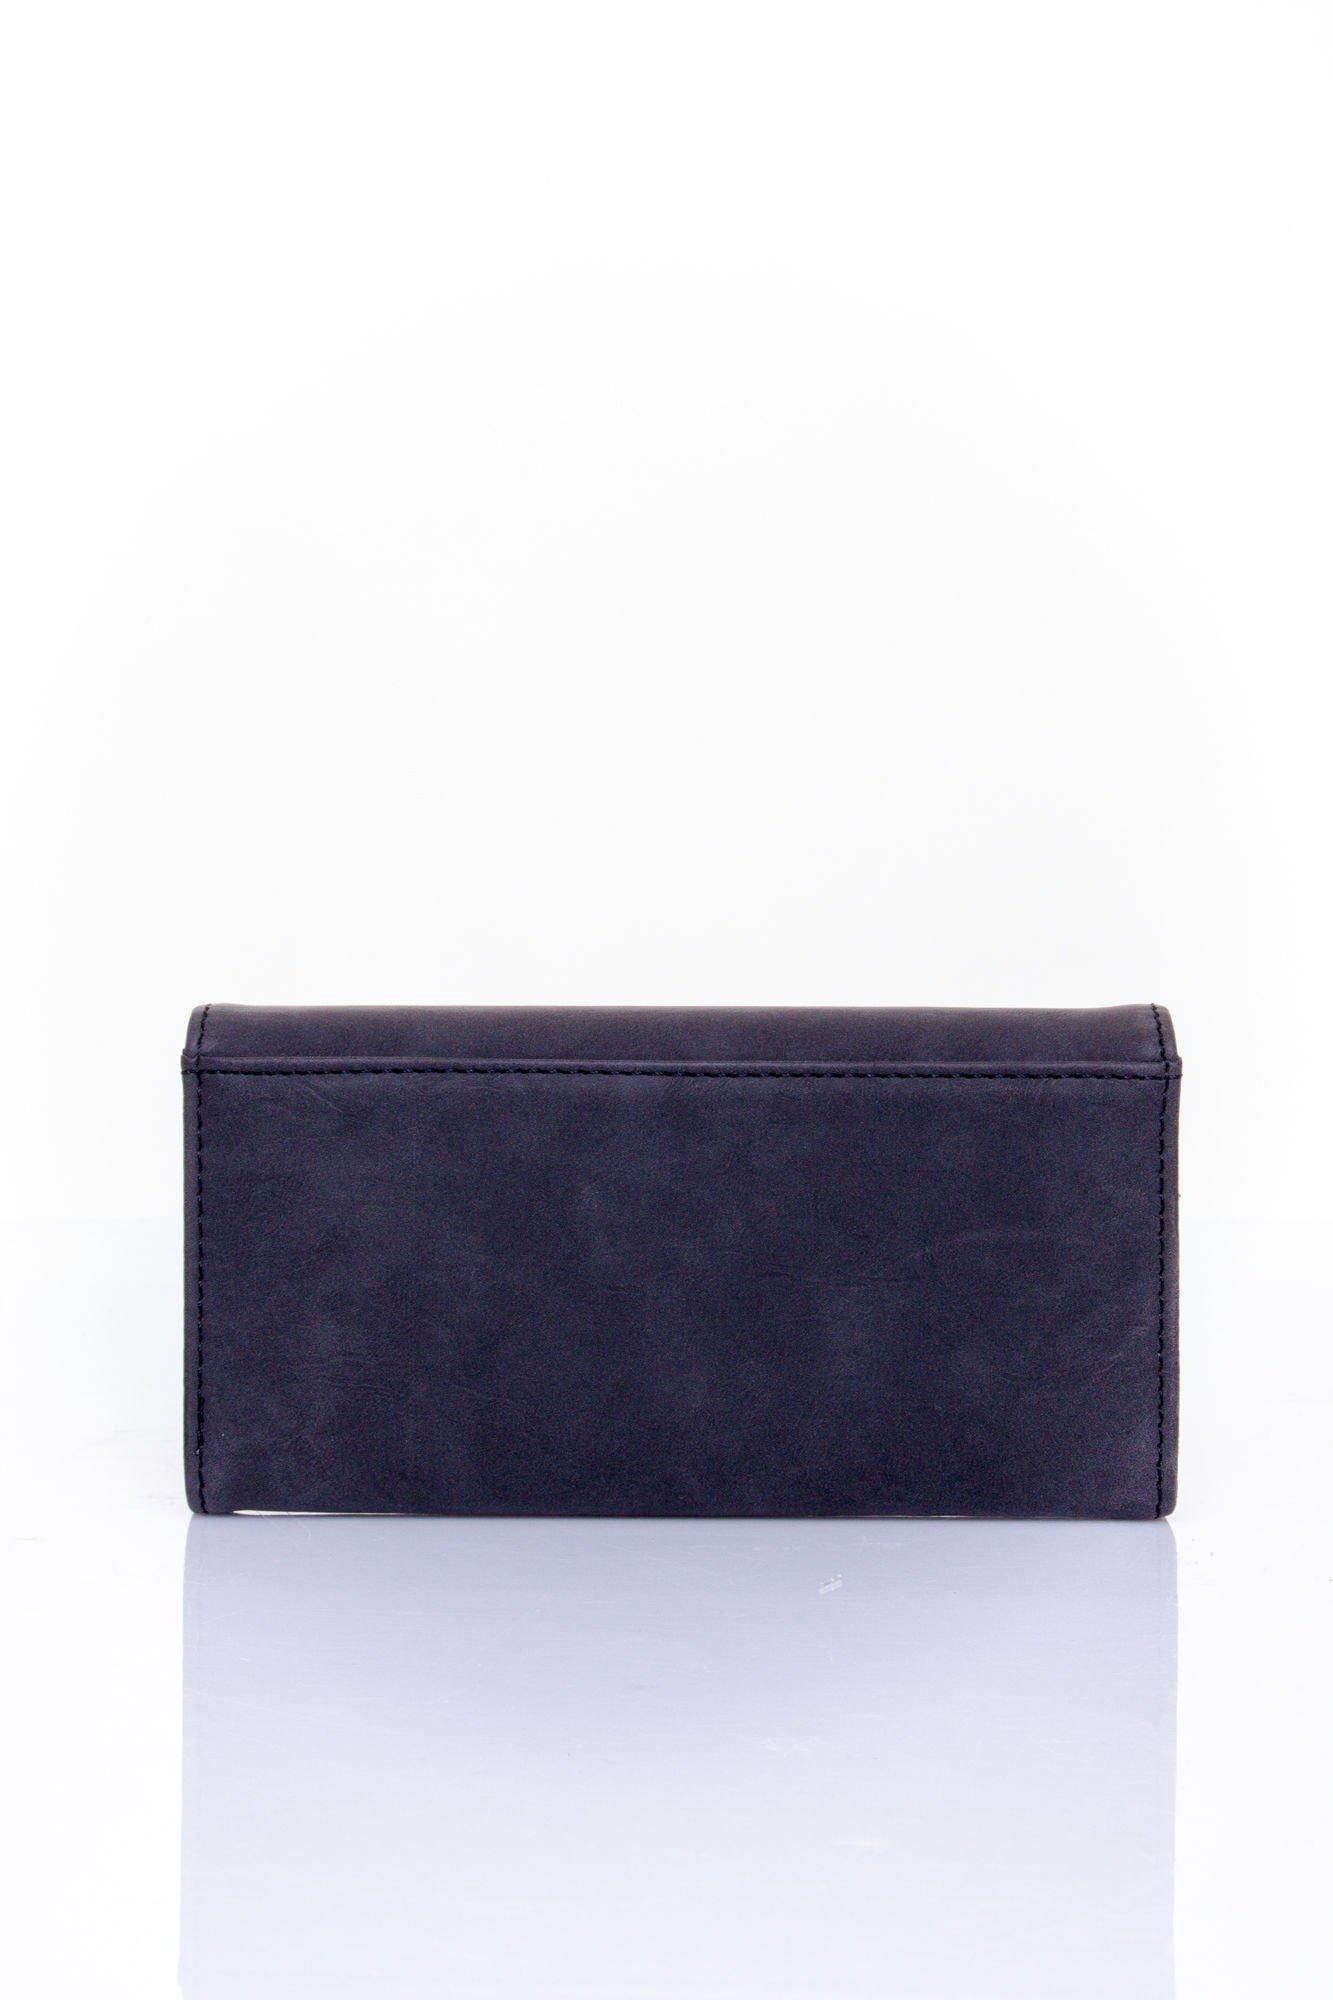 Czarny zamszowy portfel z geometrycznym motywem                                  zdj.                                  2